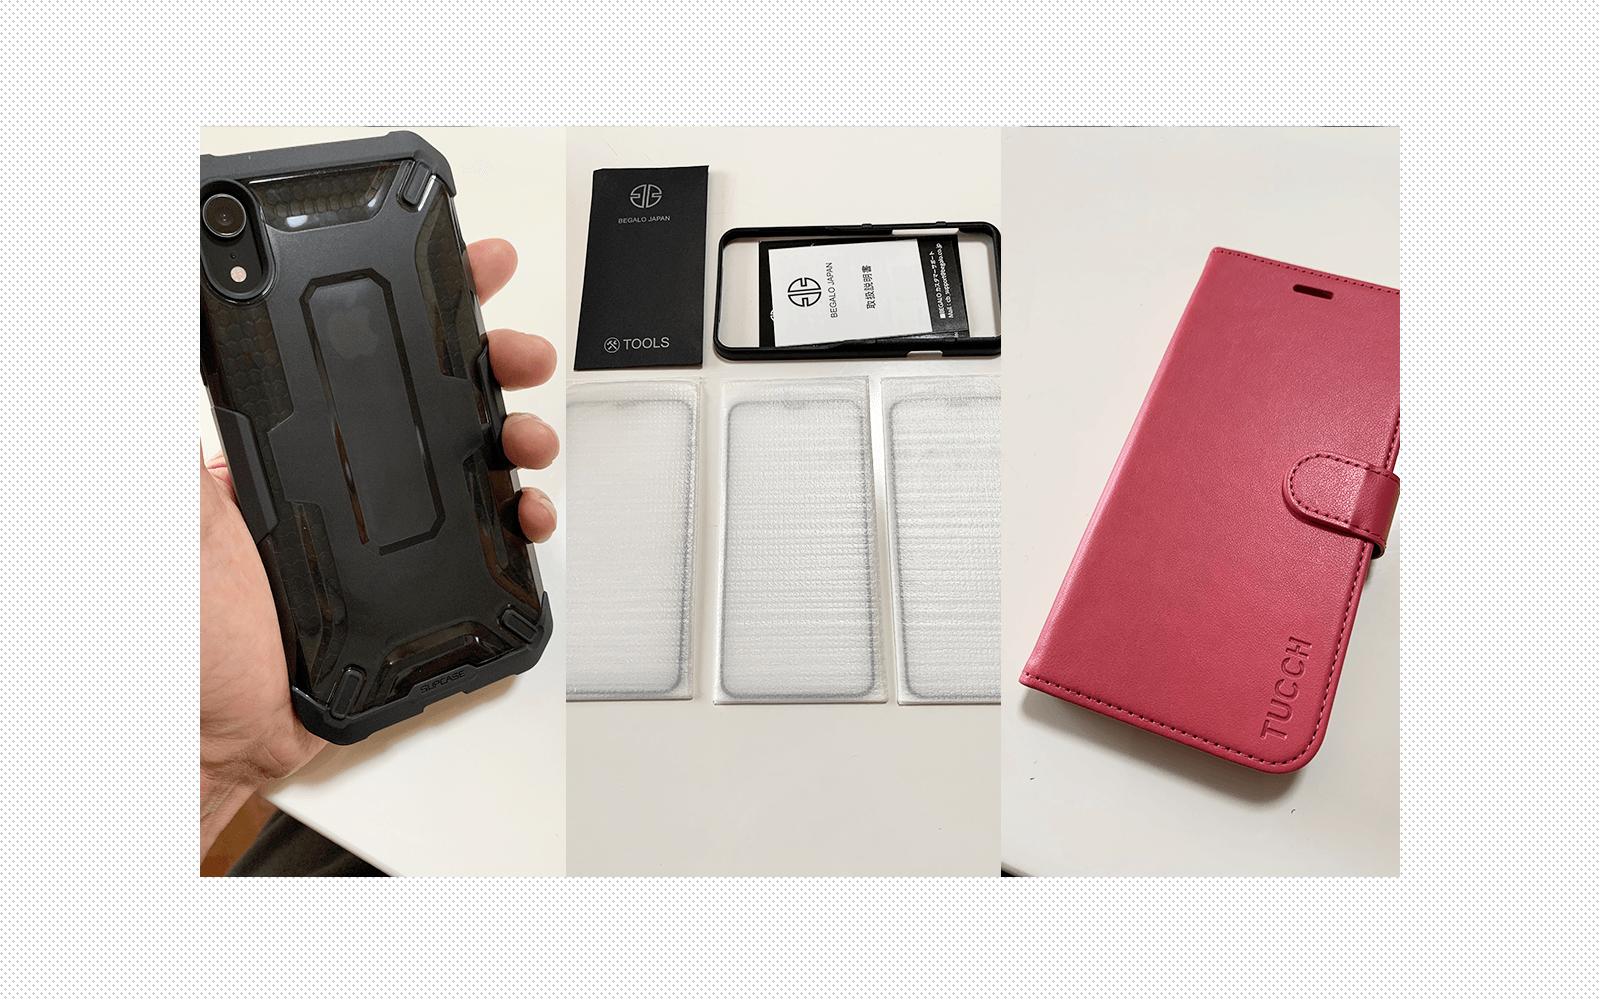 iPhoneXRのオススメガラスフィルムとケースを正直にレビュー